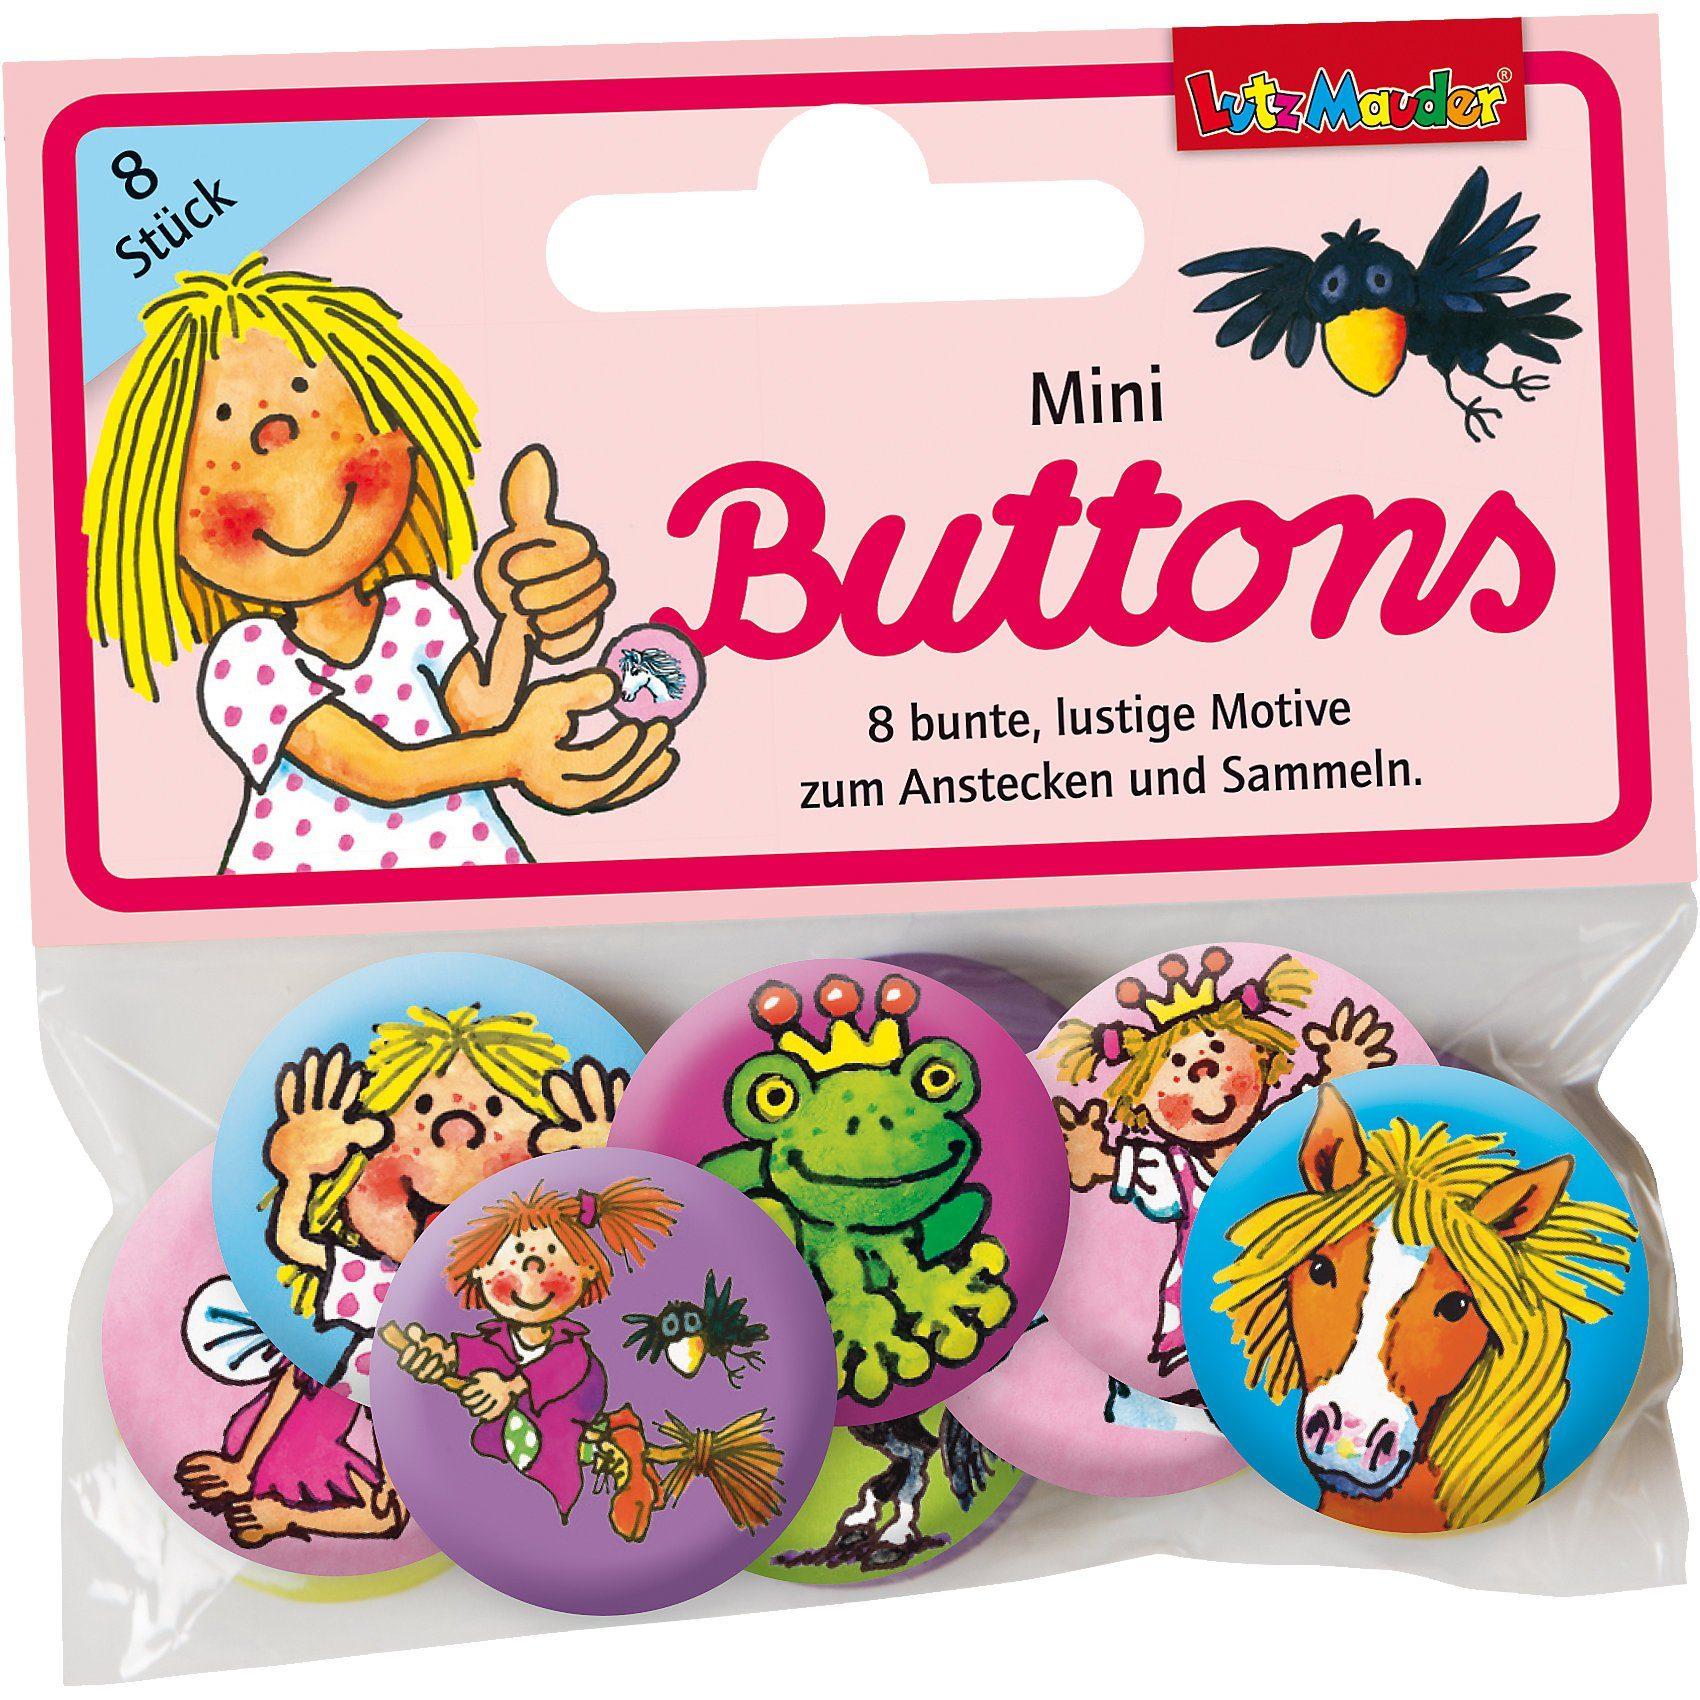 Lutz Mauder Verlag Mini-Buttons Mädchen, 8 Stück